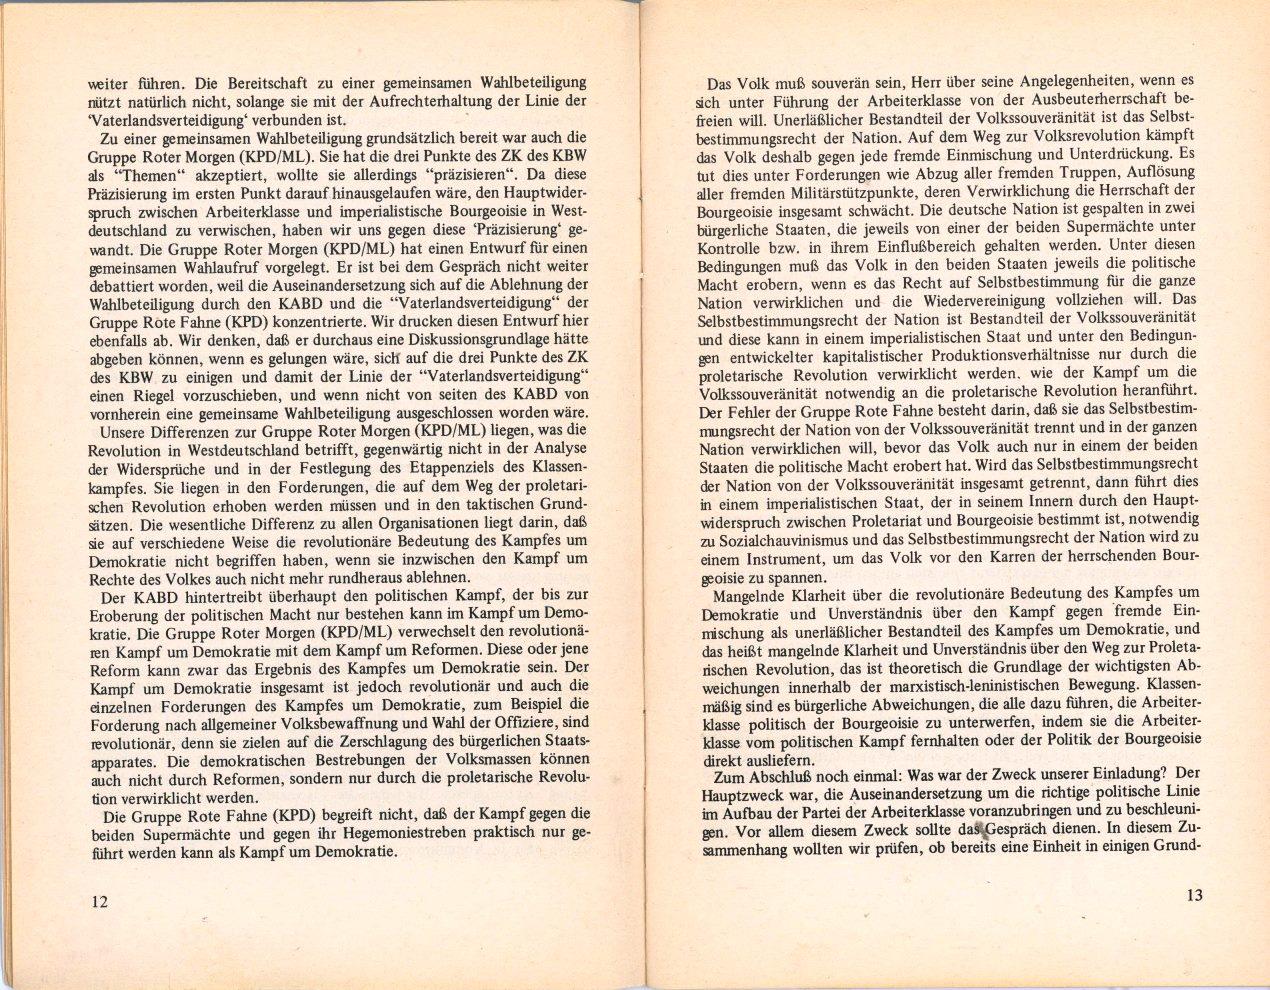 KBW_Materialien_zur_Auseinandersetzung_in_der_mlB_1976_08